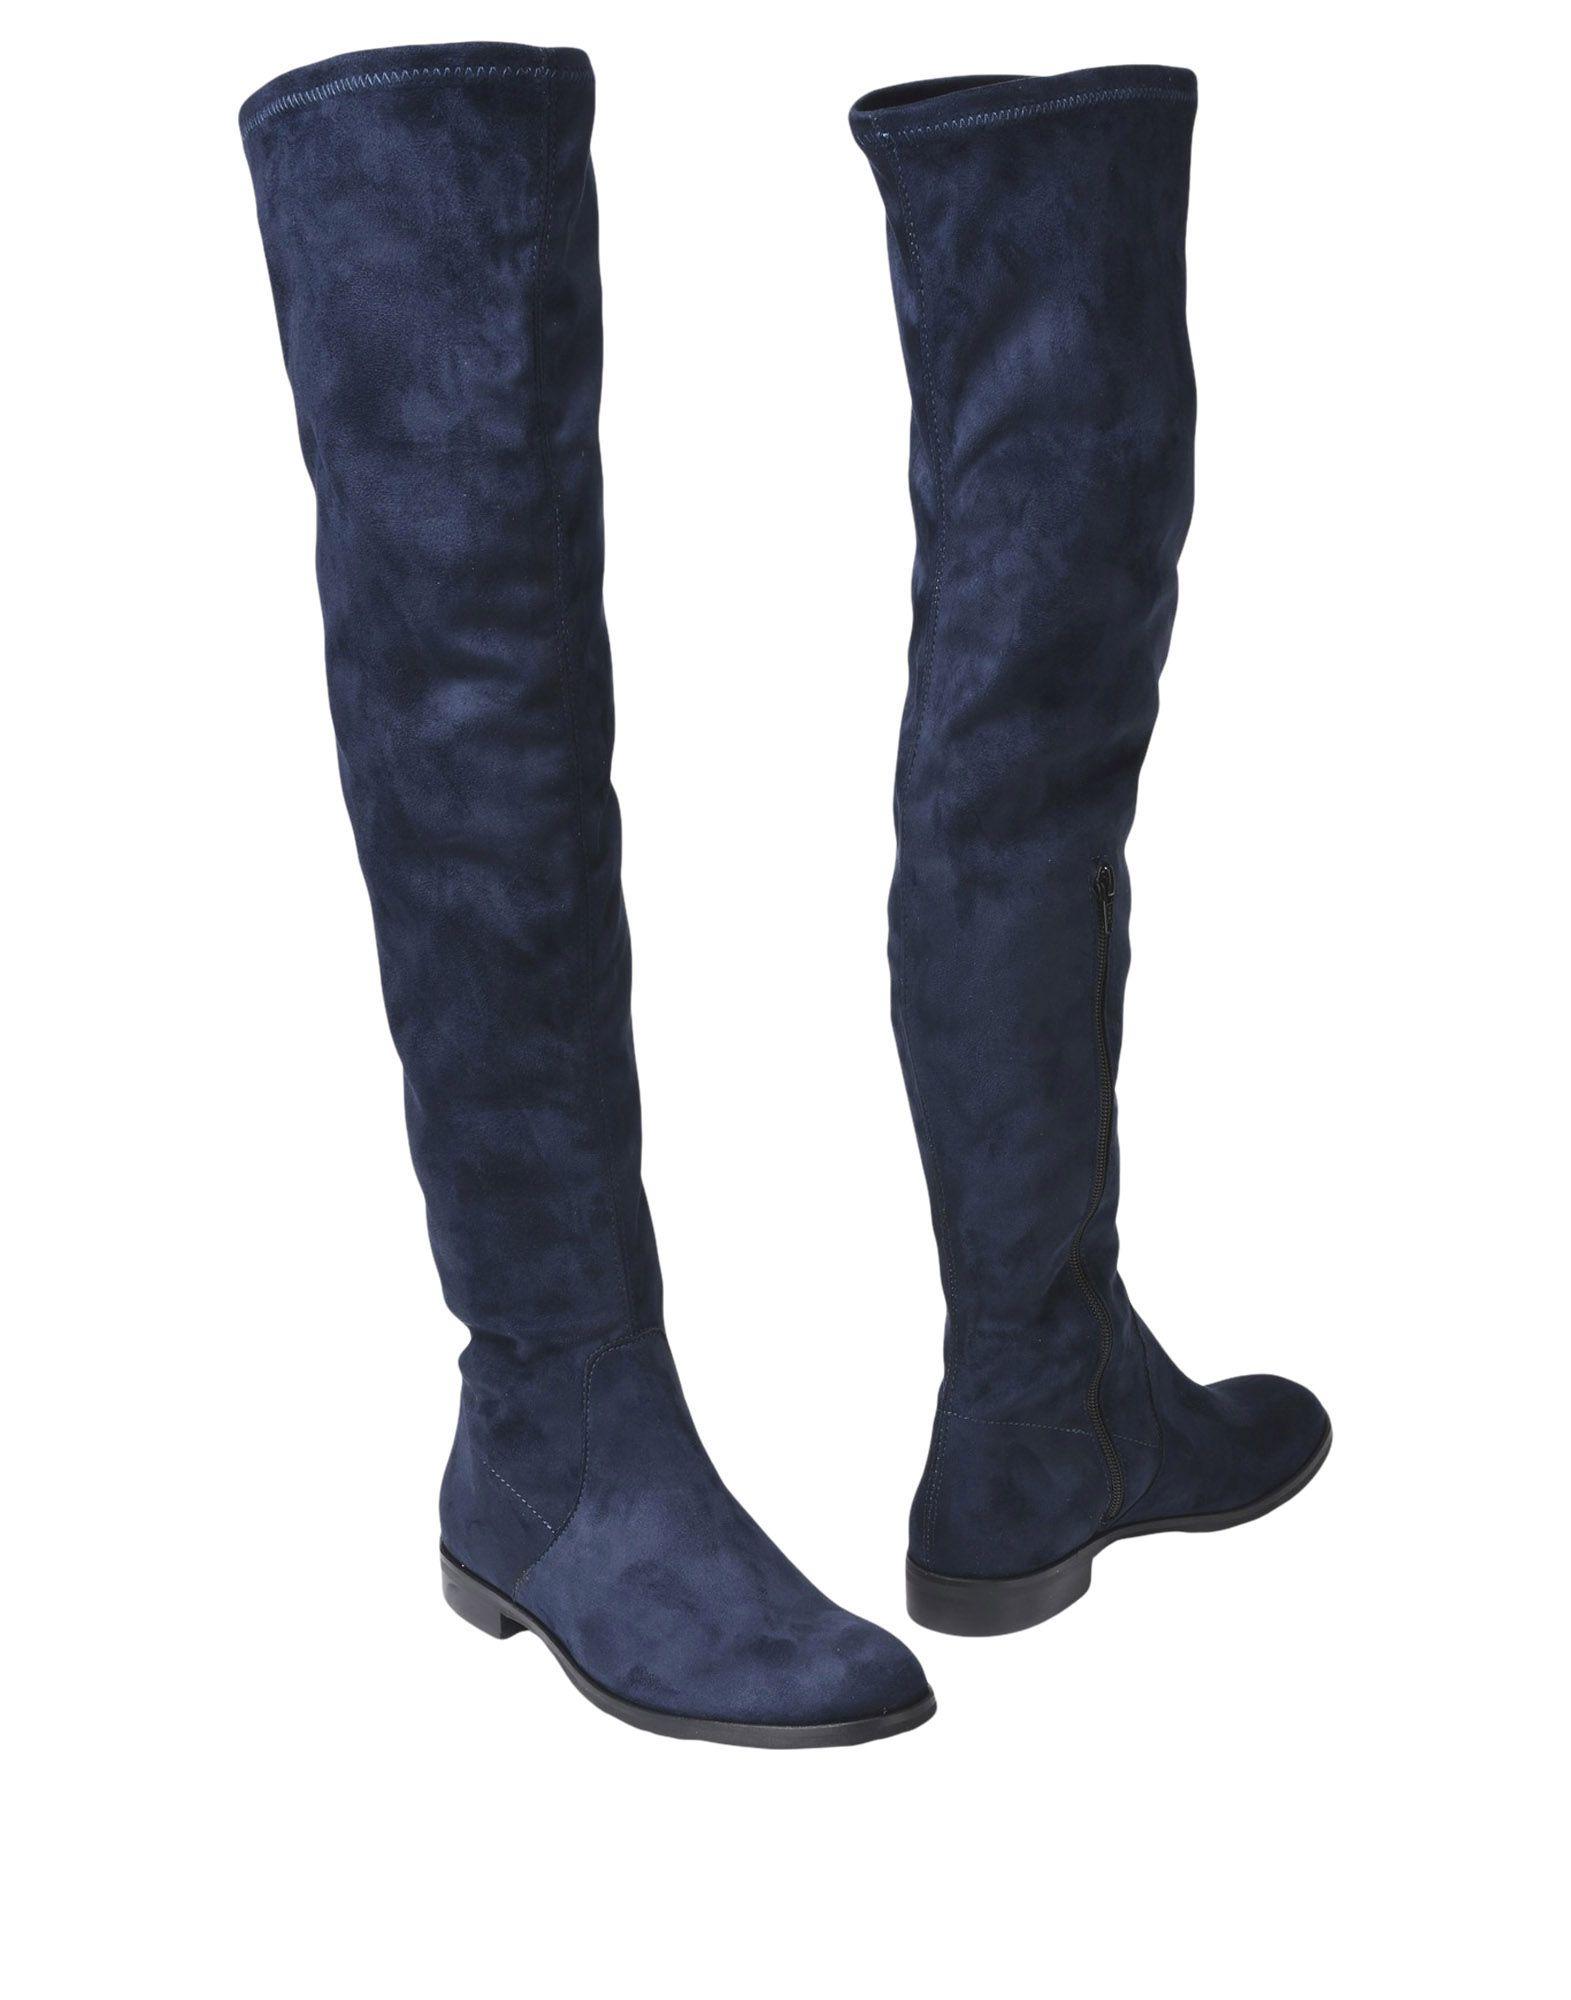 Fabrizio Fabrizio Chini Boots - Women Fabrizio Fabrizio Chini Boots online on  Canada - 11535153AD e19d9c